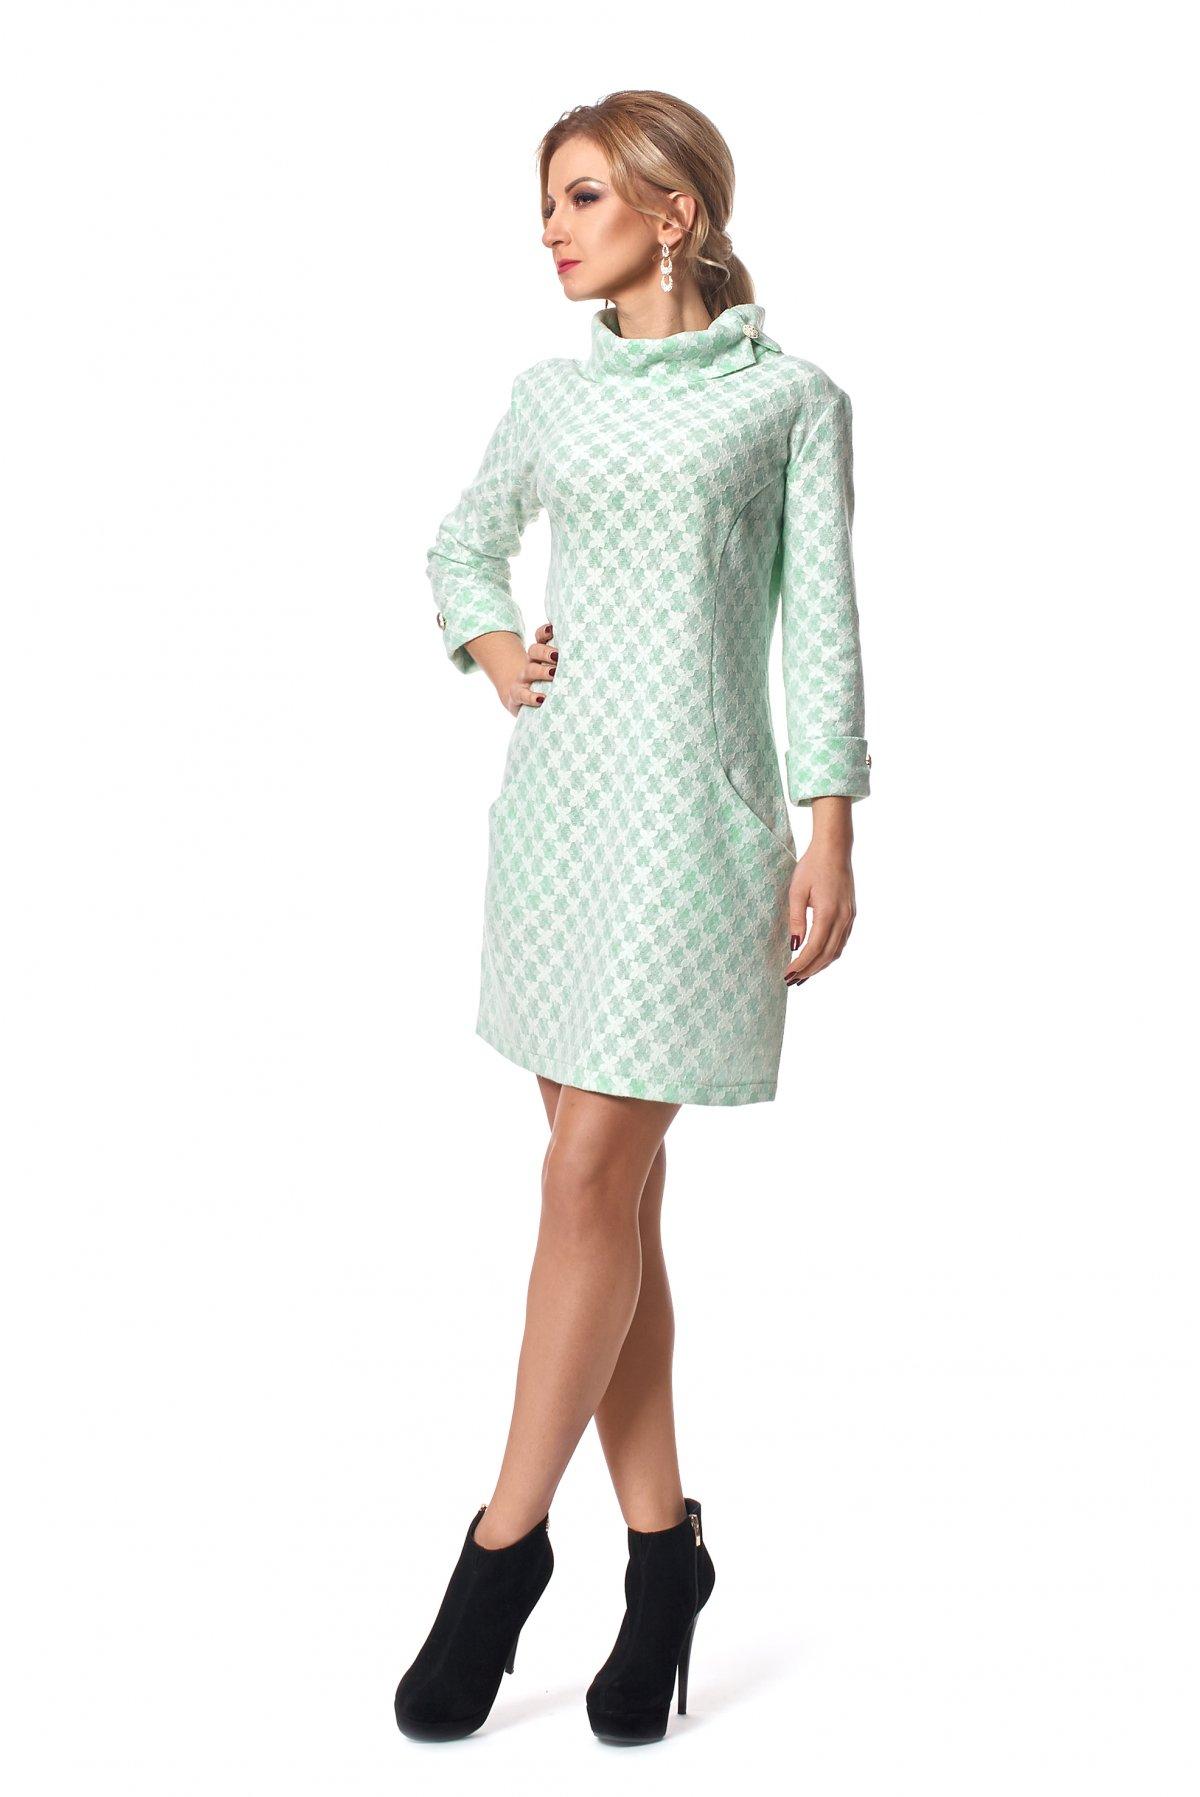 Жіноче ніжне плаття 1029 - Товари - Купити стильні сукні dbeae4d459a71